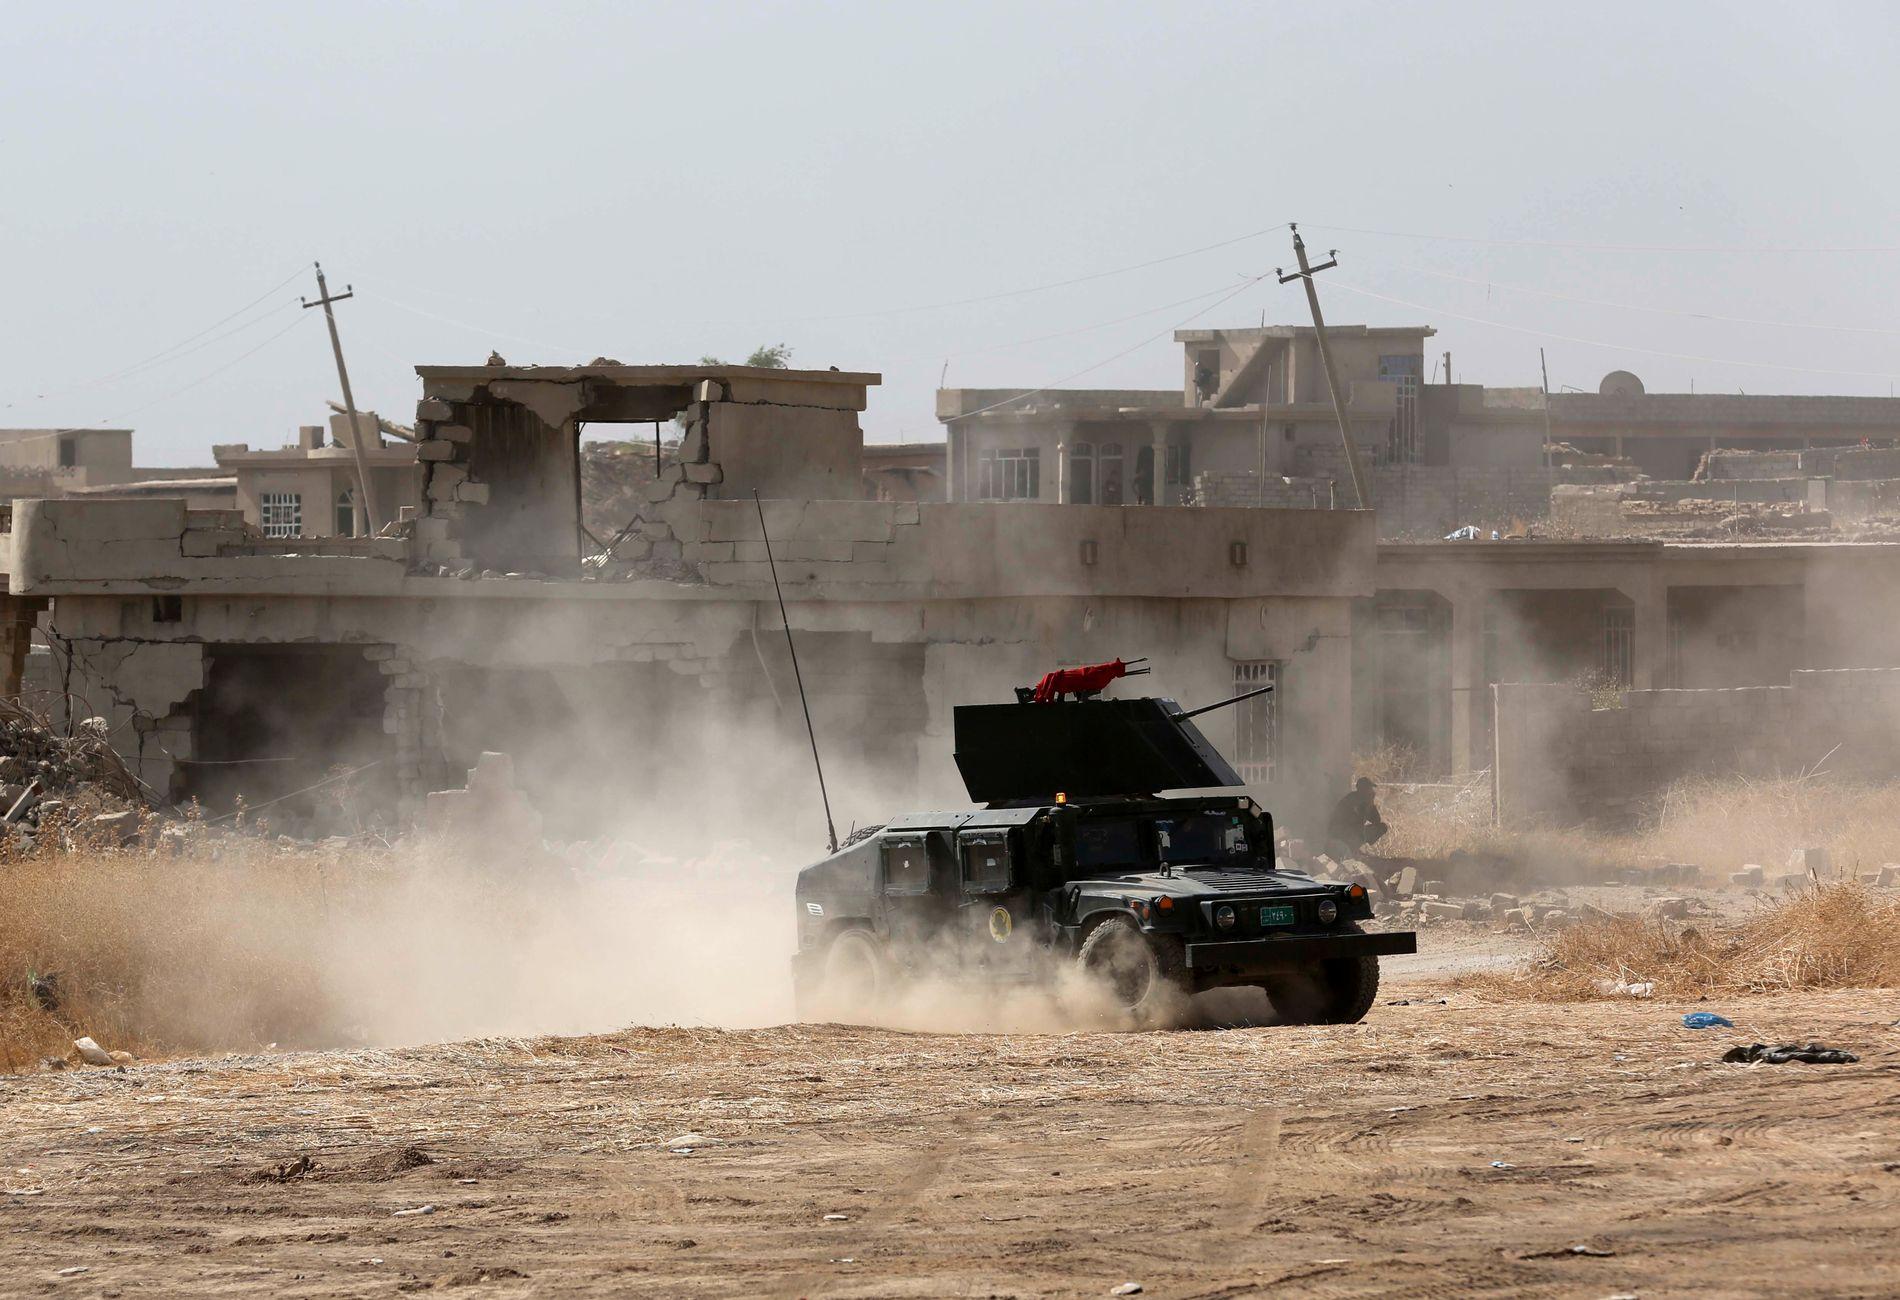 Selv om det nettopp er de sivile som vil tjene på at Mosul nå ser ut til å bli frigjort fra IS' brutale styre, er det nesten uunngåelig at kampen også rammer sivile hardt. Her er irakiske styrker utenfor Mosul.